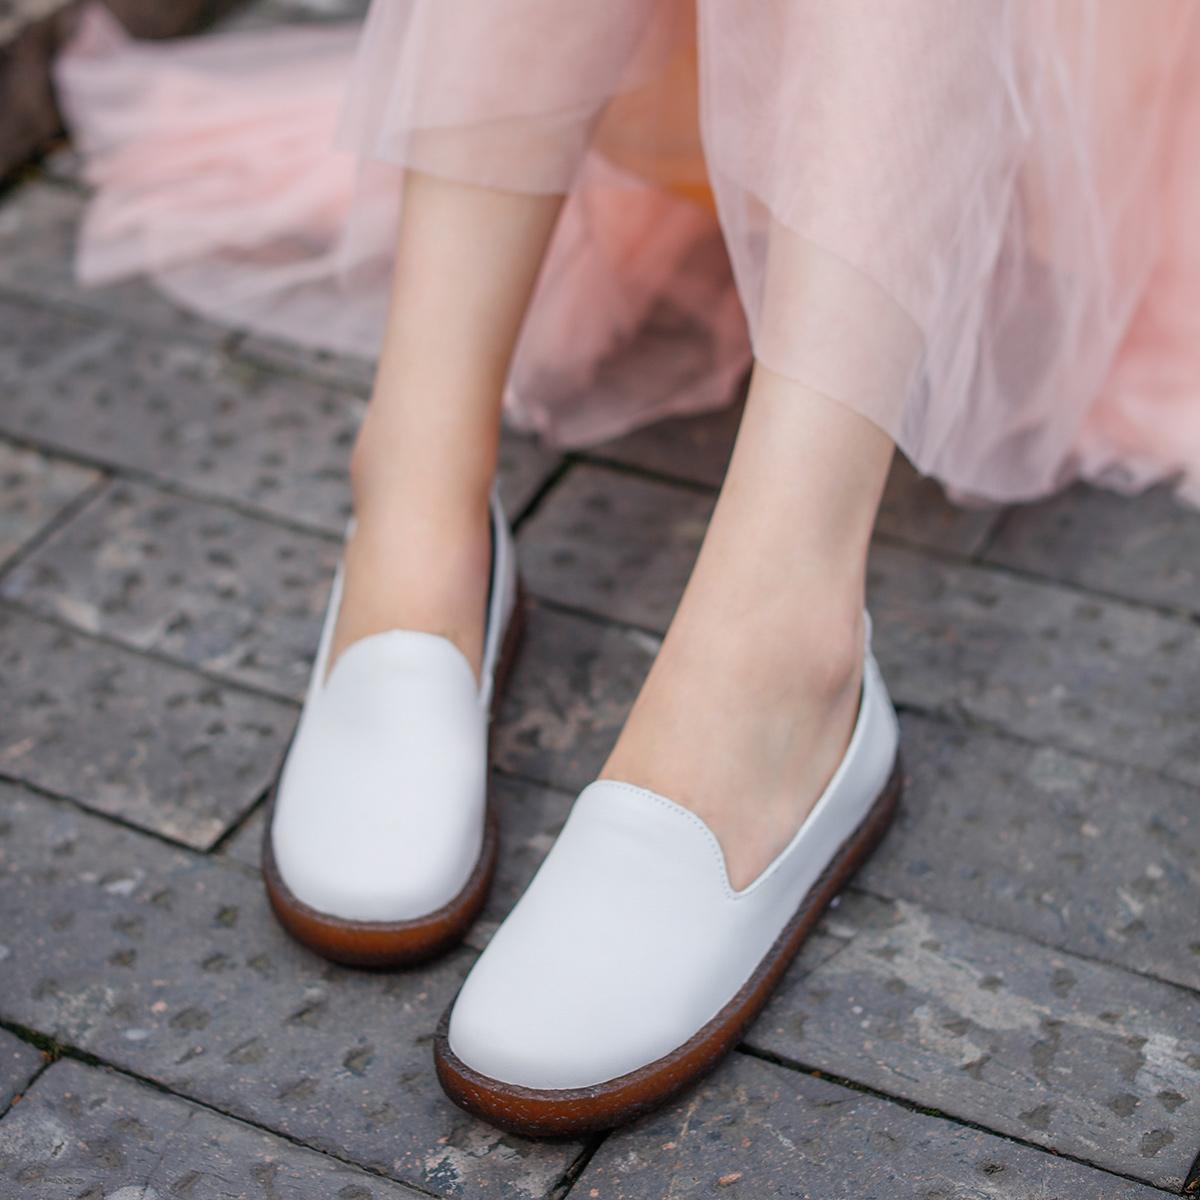 单鞋女2019秋季新款复古真皮一脚蹬鞋软底休闲平底鞋女百搭42095